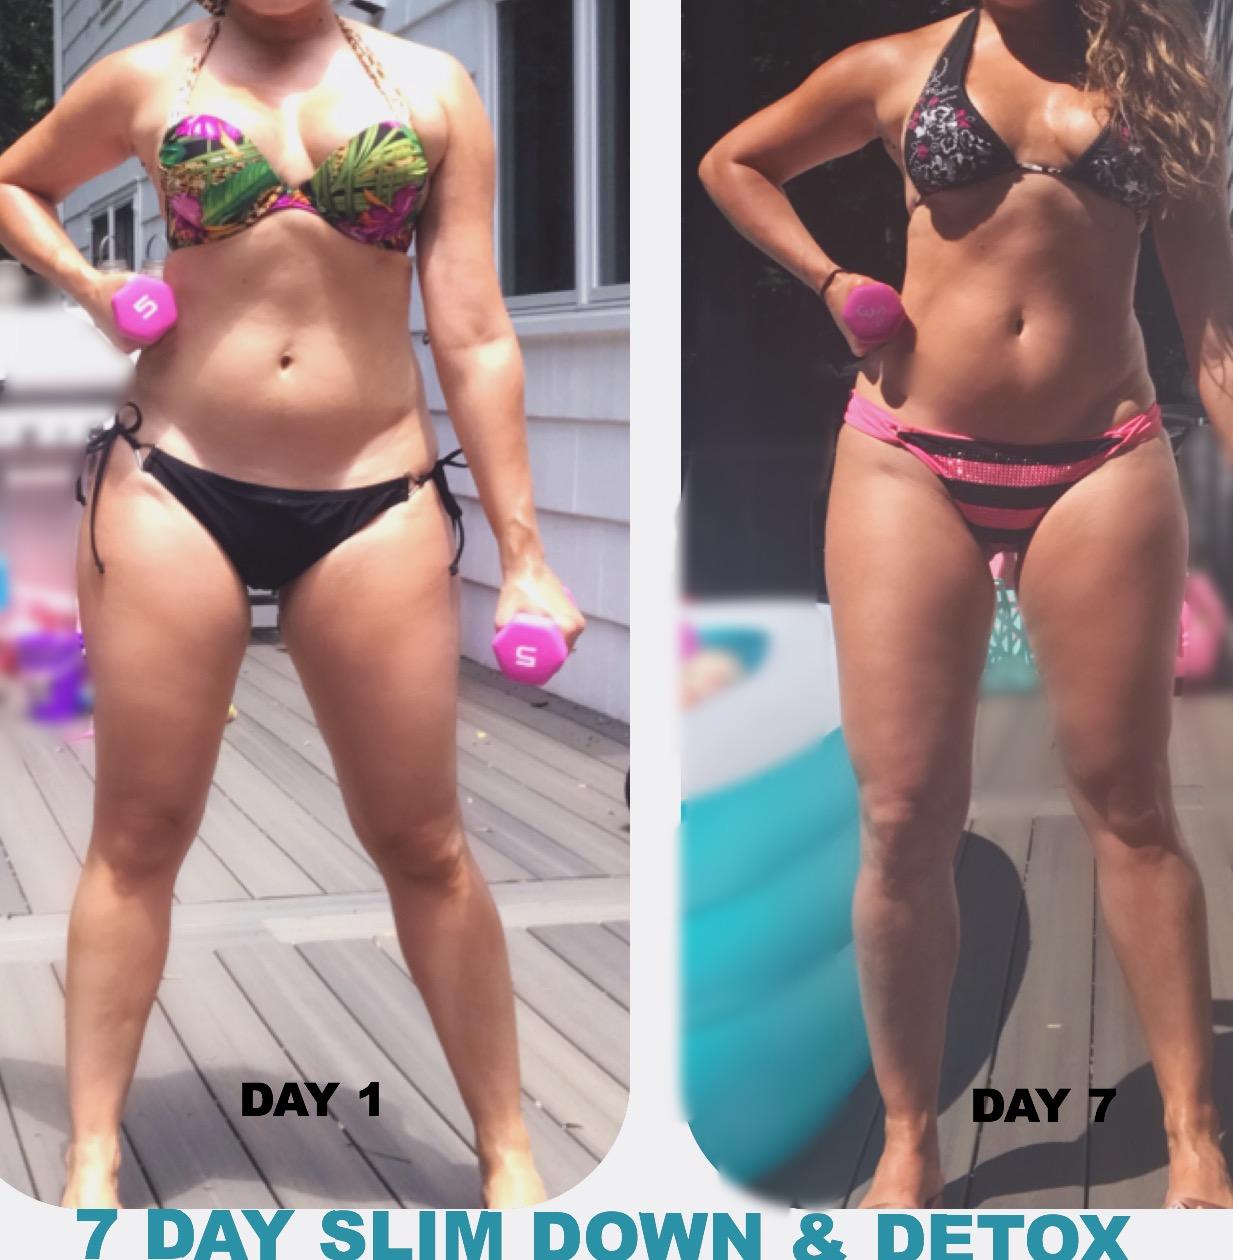 7day slim down